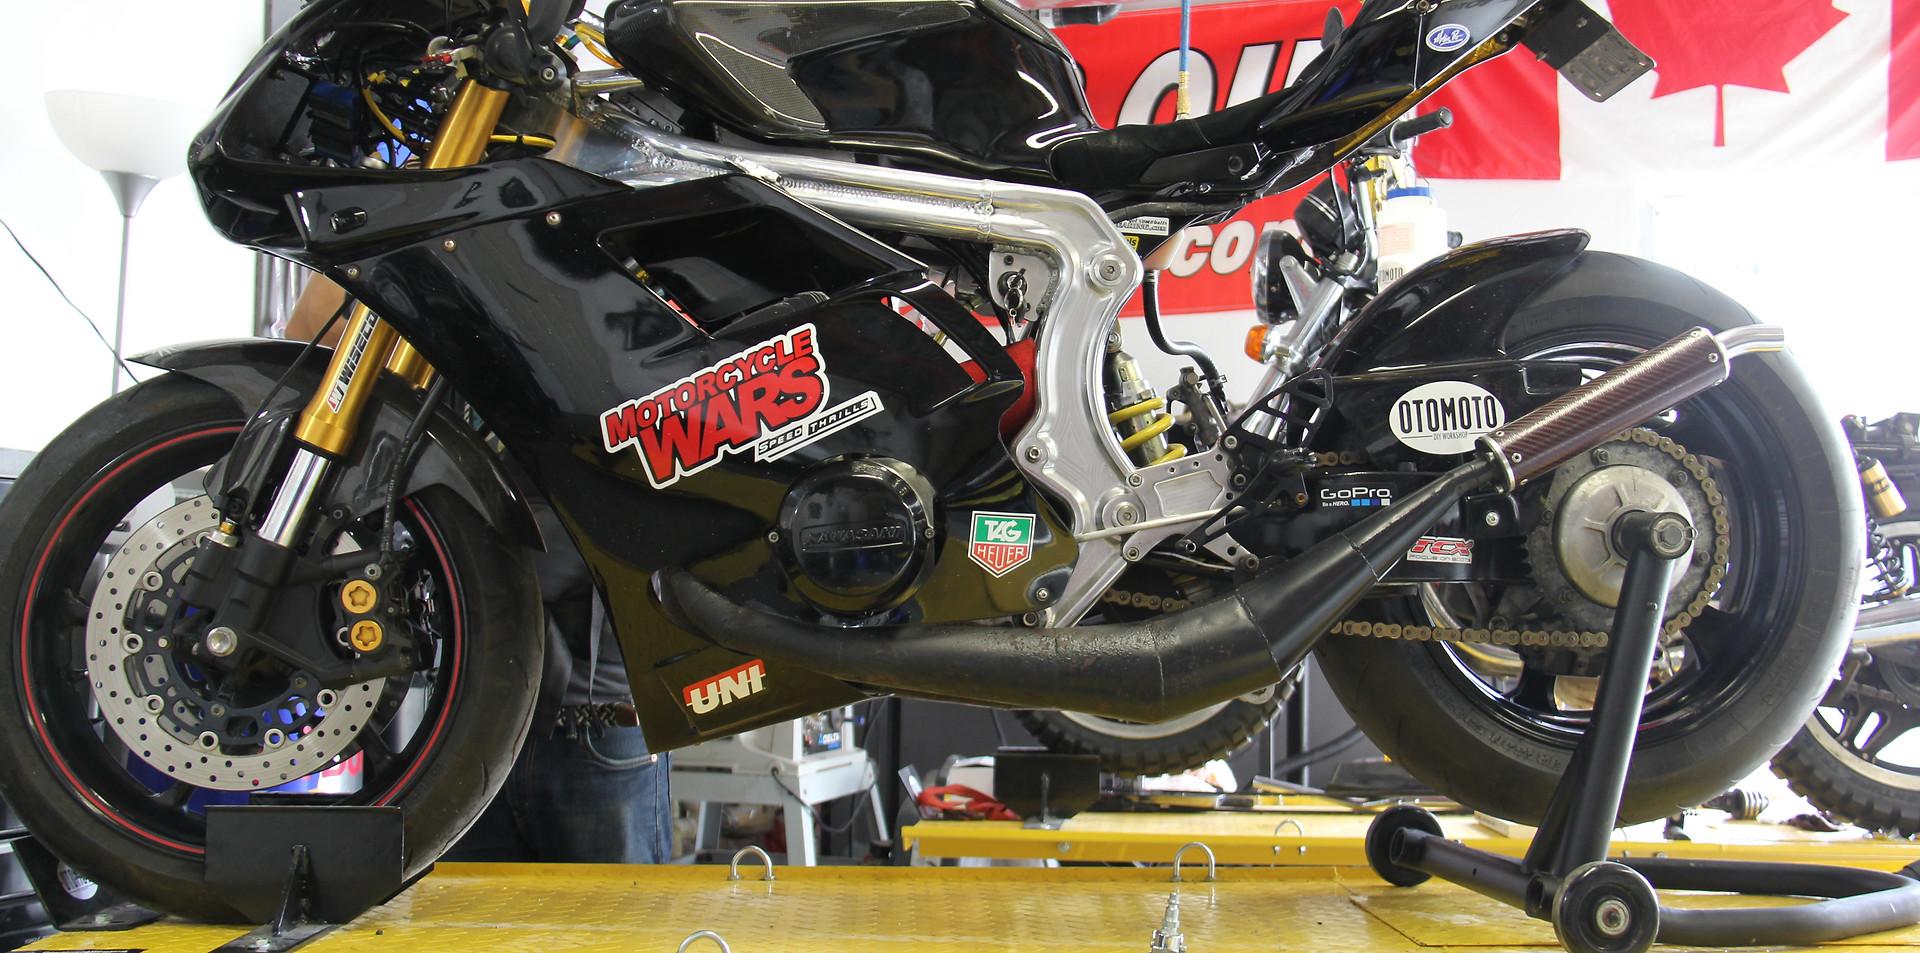 Toronto Moto Mechanic Race Motorcycle